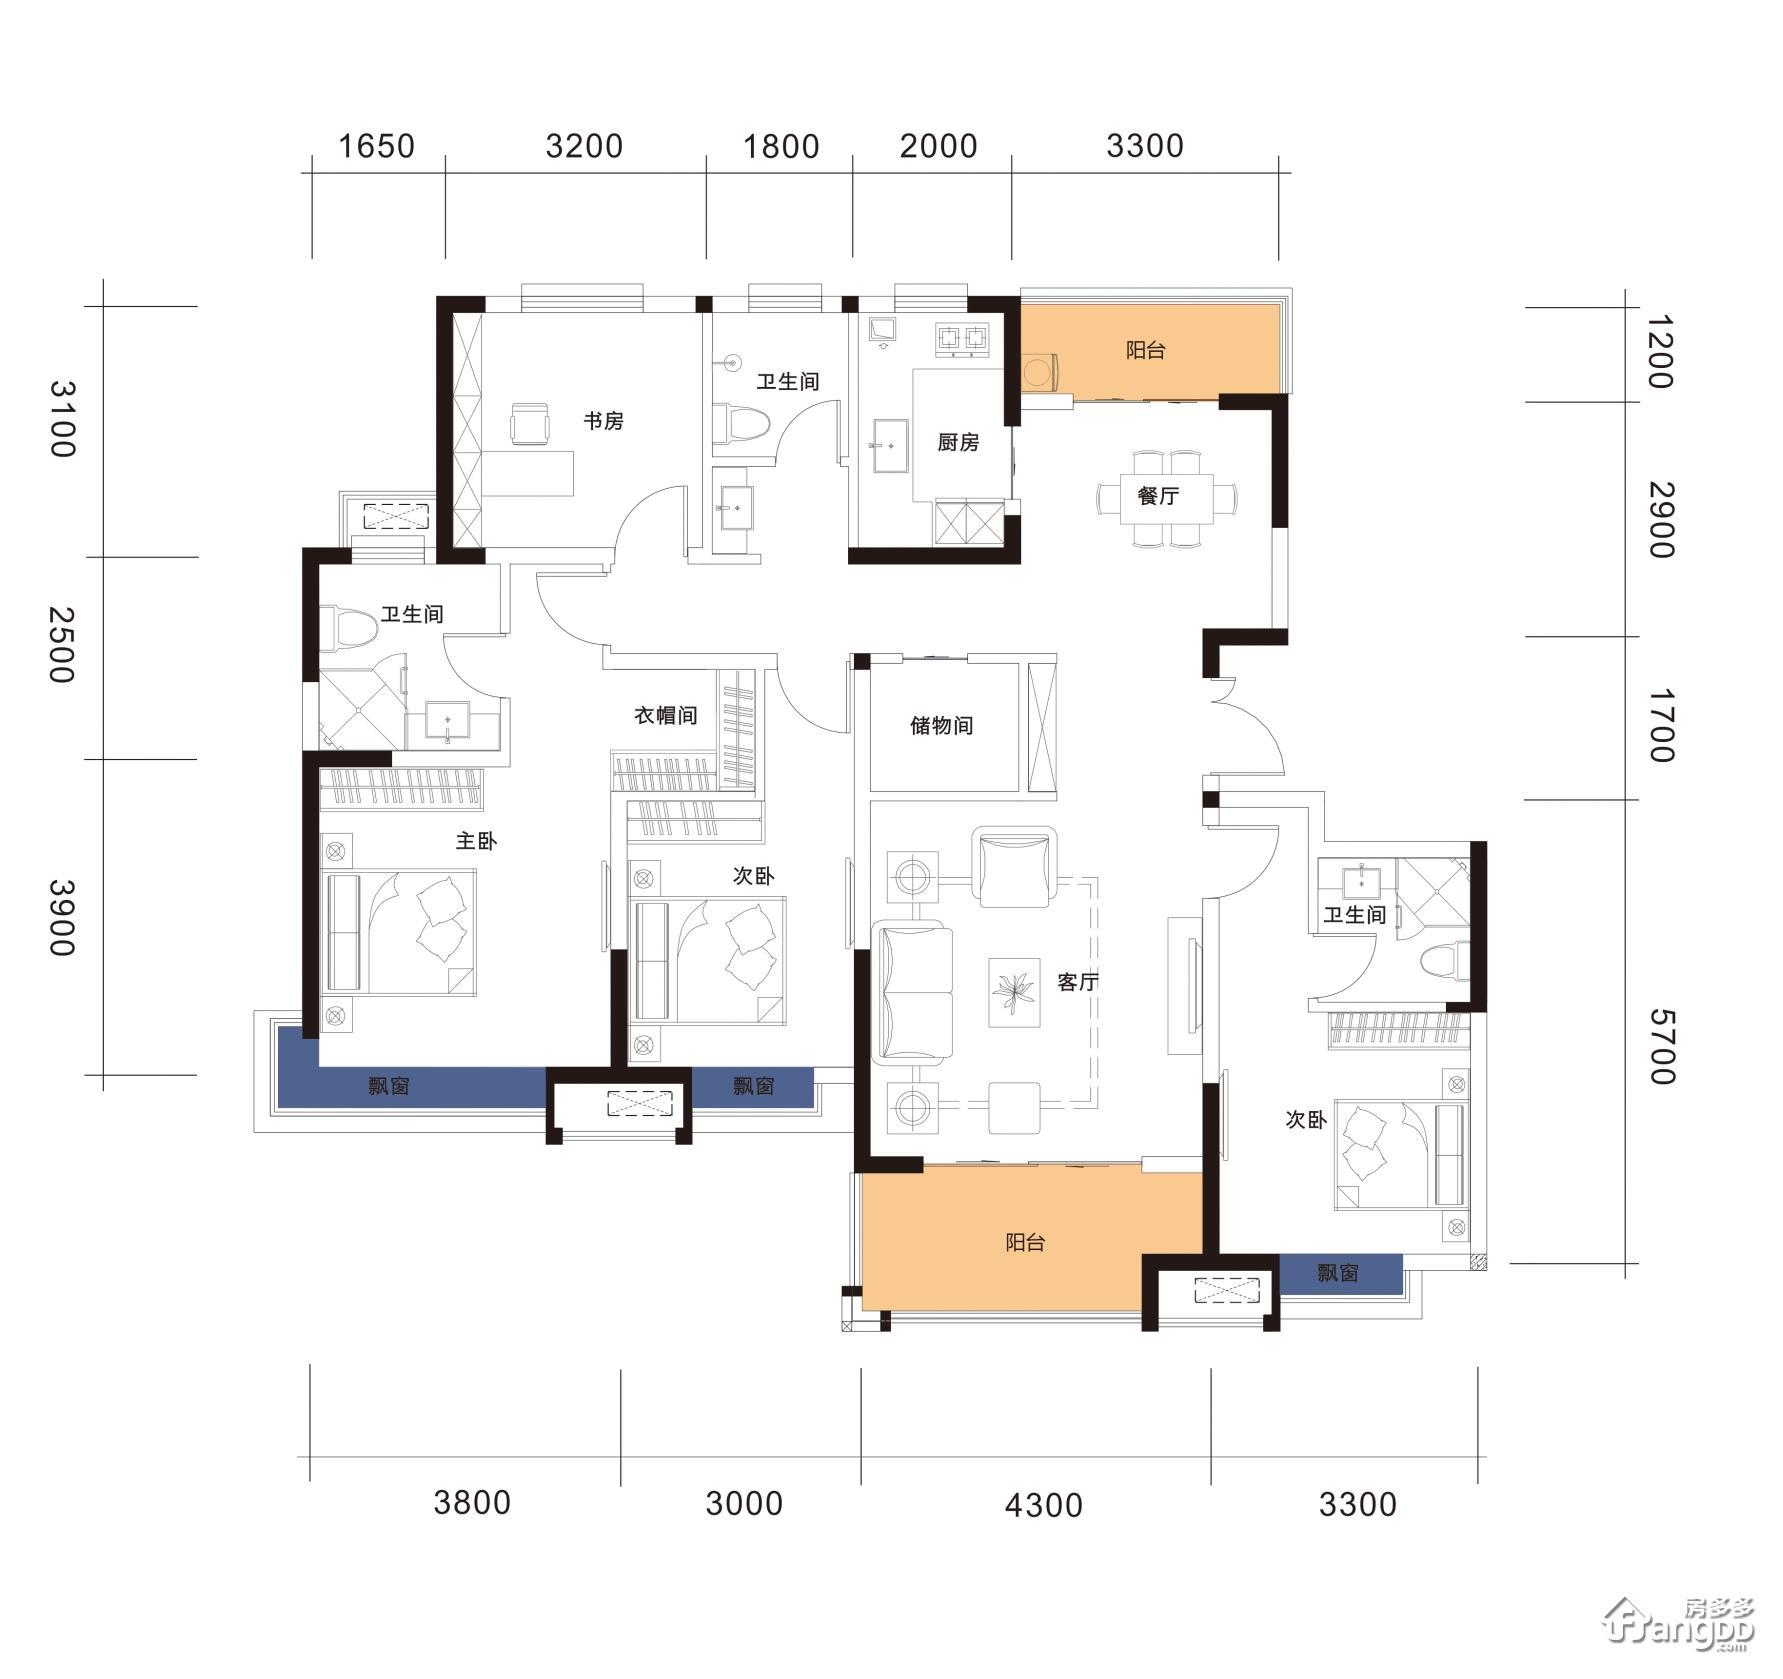 F16-149 4室2厅3卫149㎡